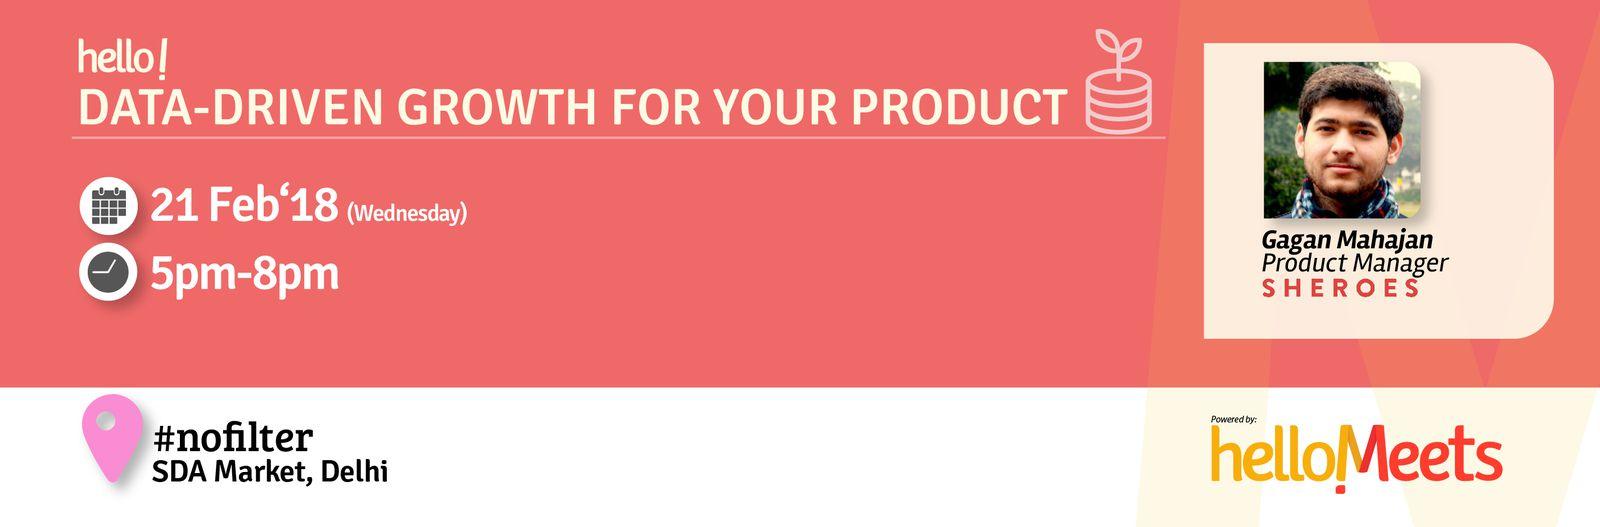 1518586518growth-tools-for-your-product_gagan_mahajan-03